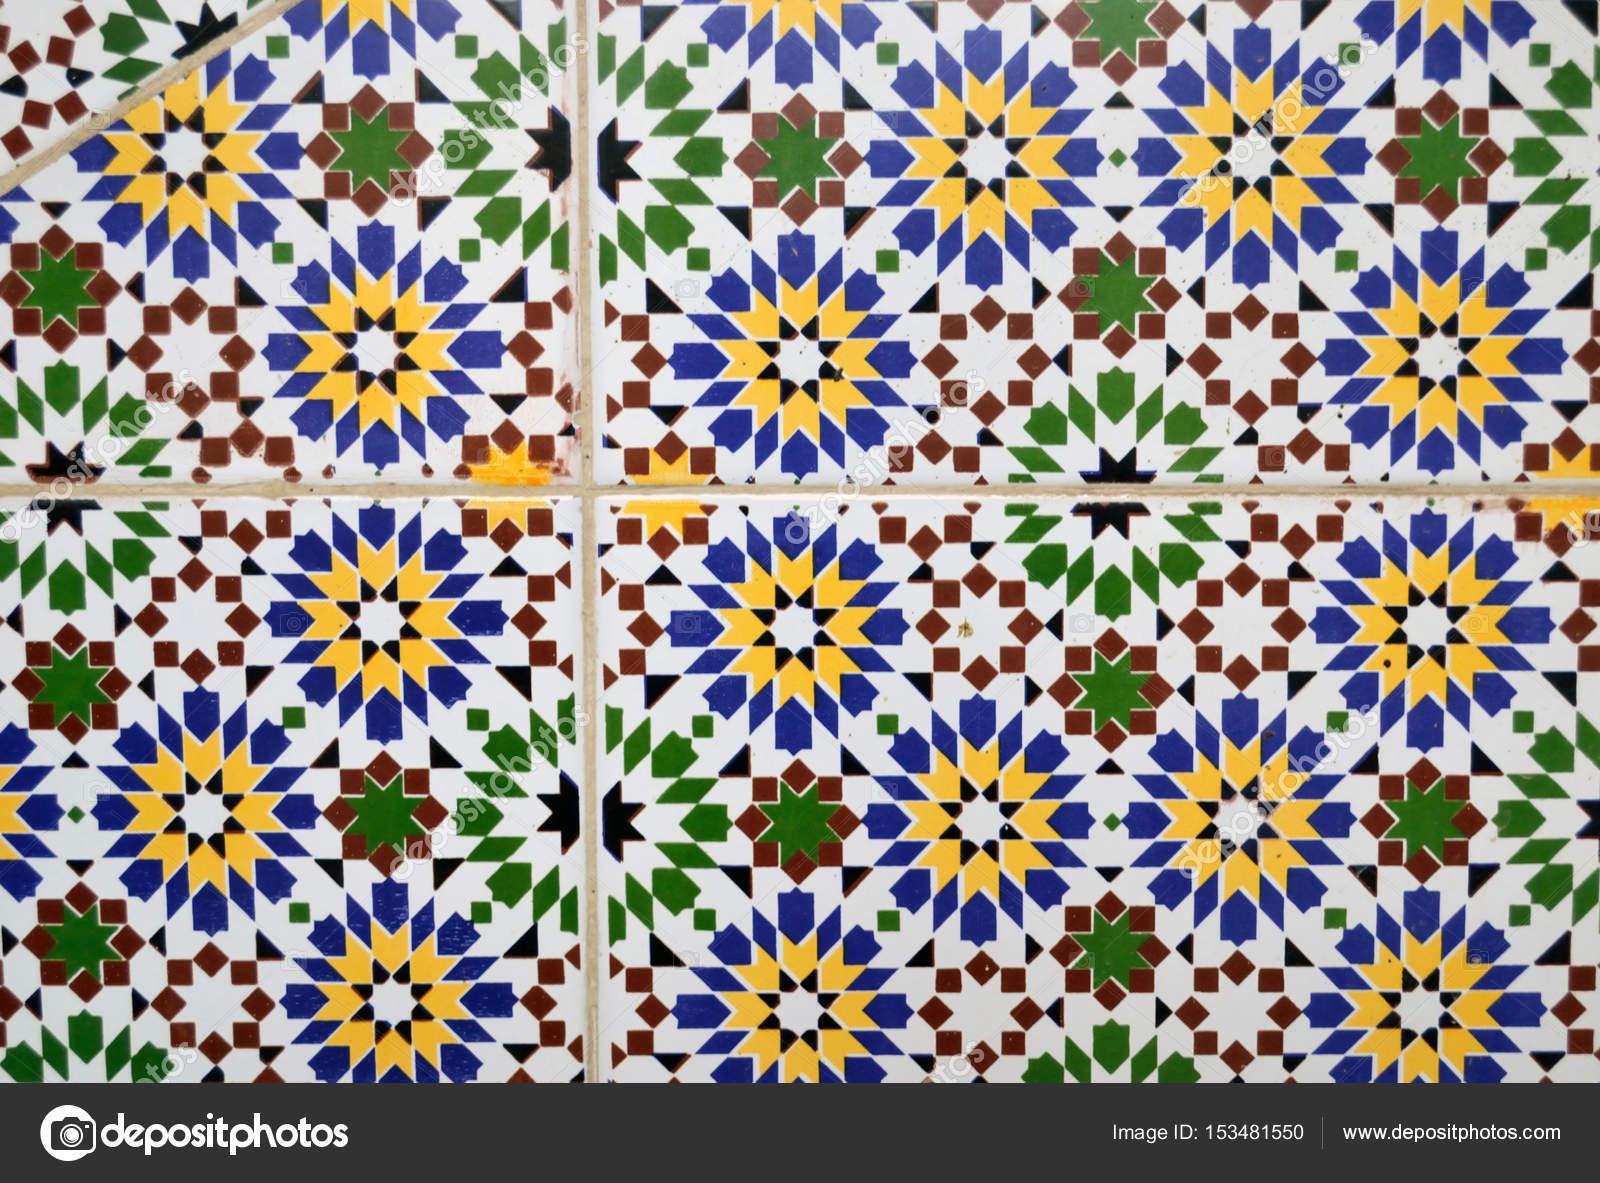 Piastrelle piastrelle di rivestimento con ornamento marocchino